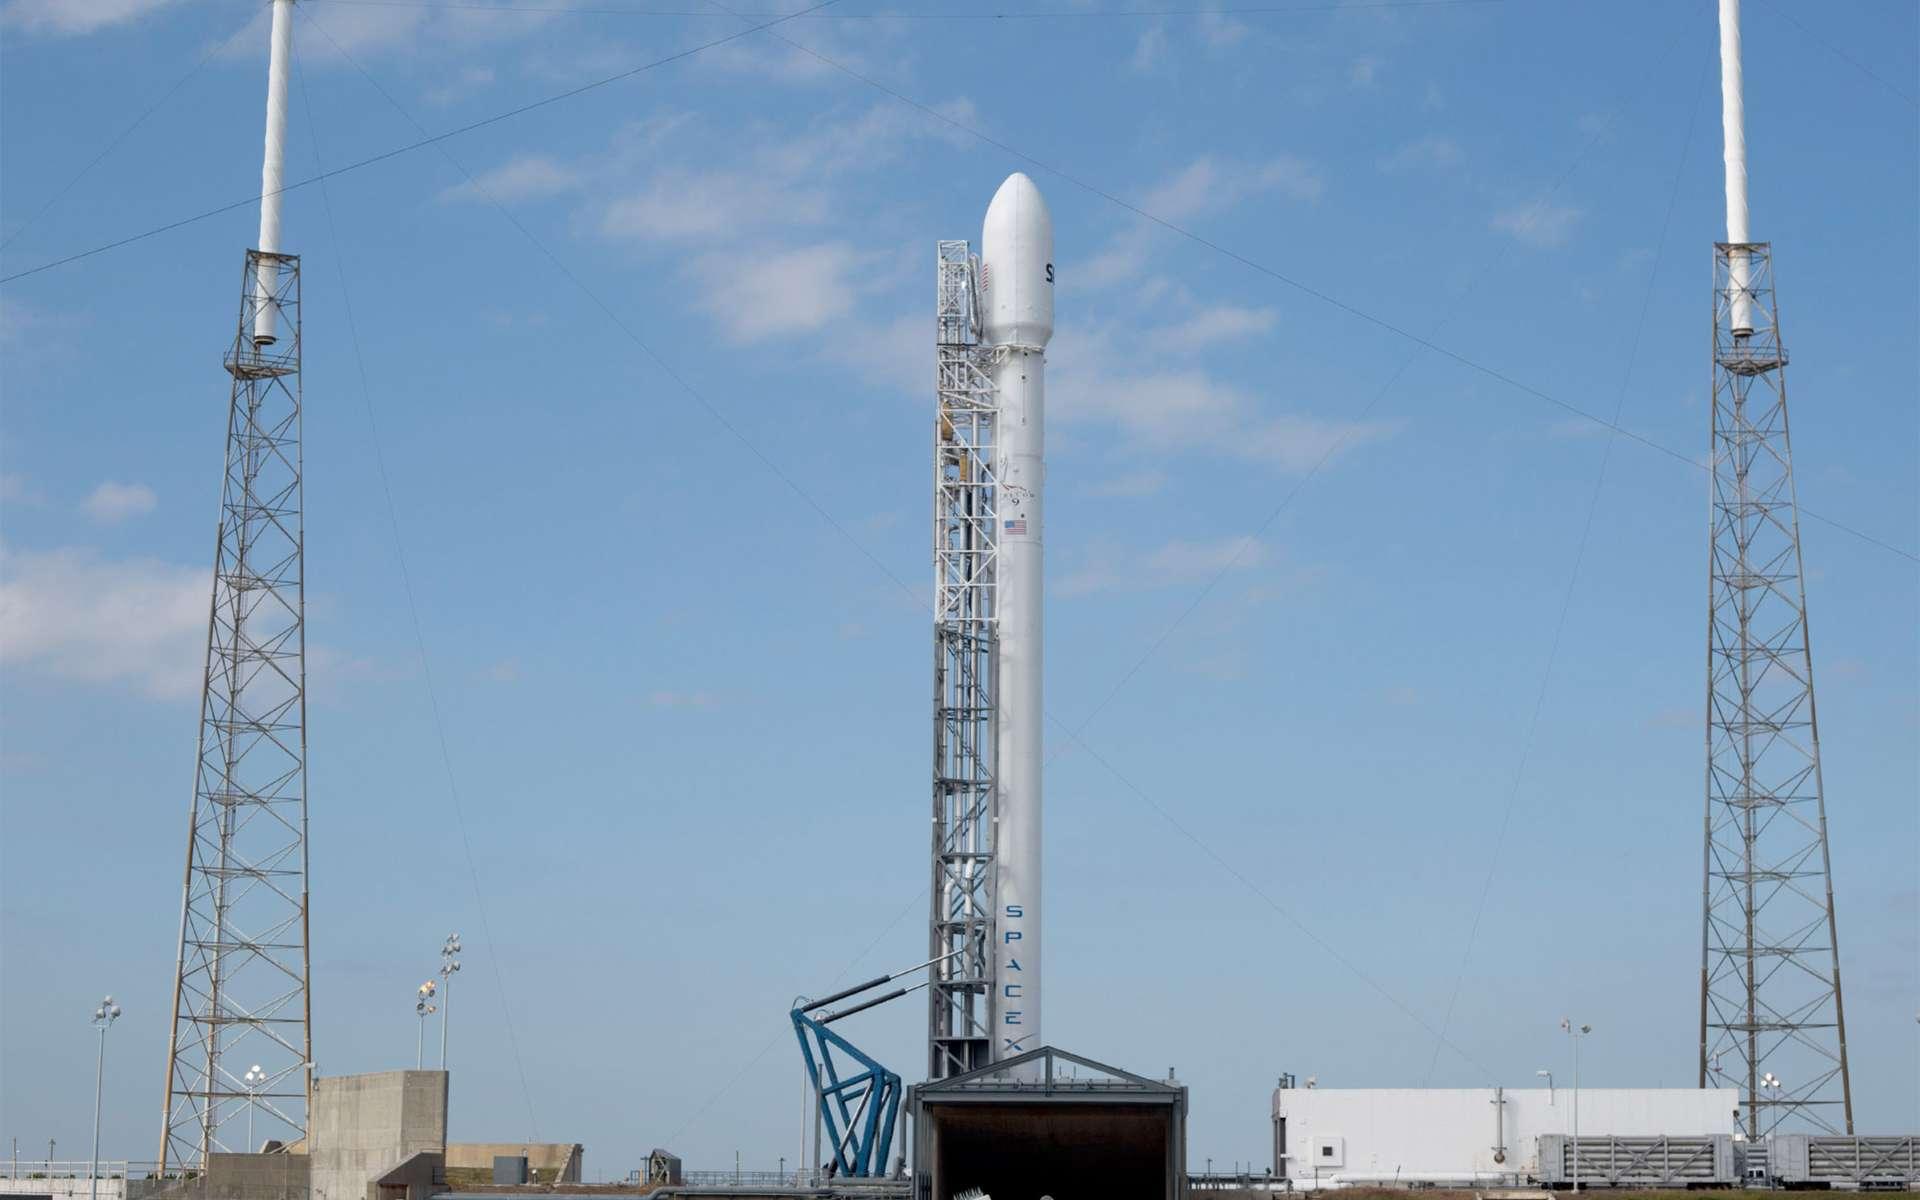 Avec dix moteurs Merlin 1D, le lanceur Falcon 9 v1.1 est, en théorie et selon le lieu de lancement, capable de mettre 13 tonnes en orbite basse et jusqu'à 4,8 tonnes en orbite de transfert géostationnaire. © SpaceX